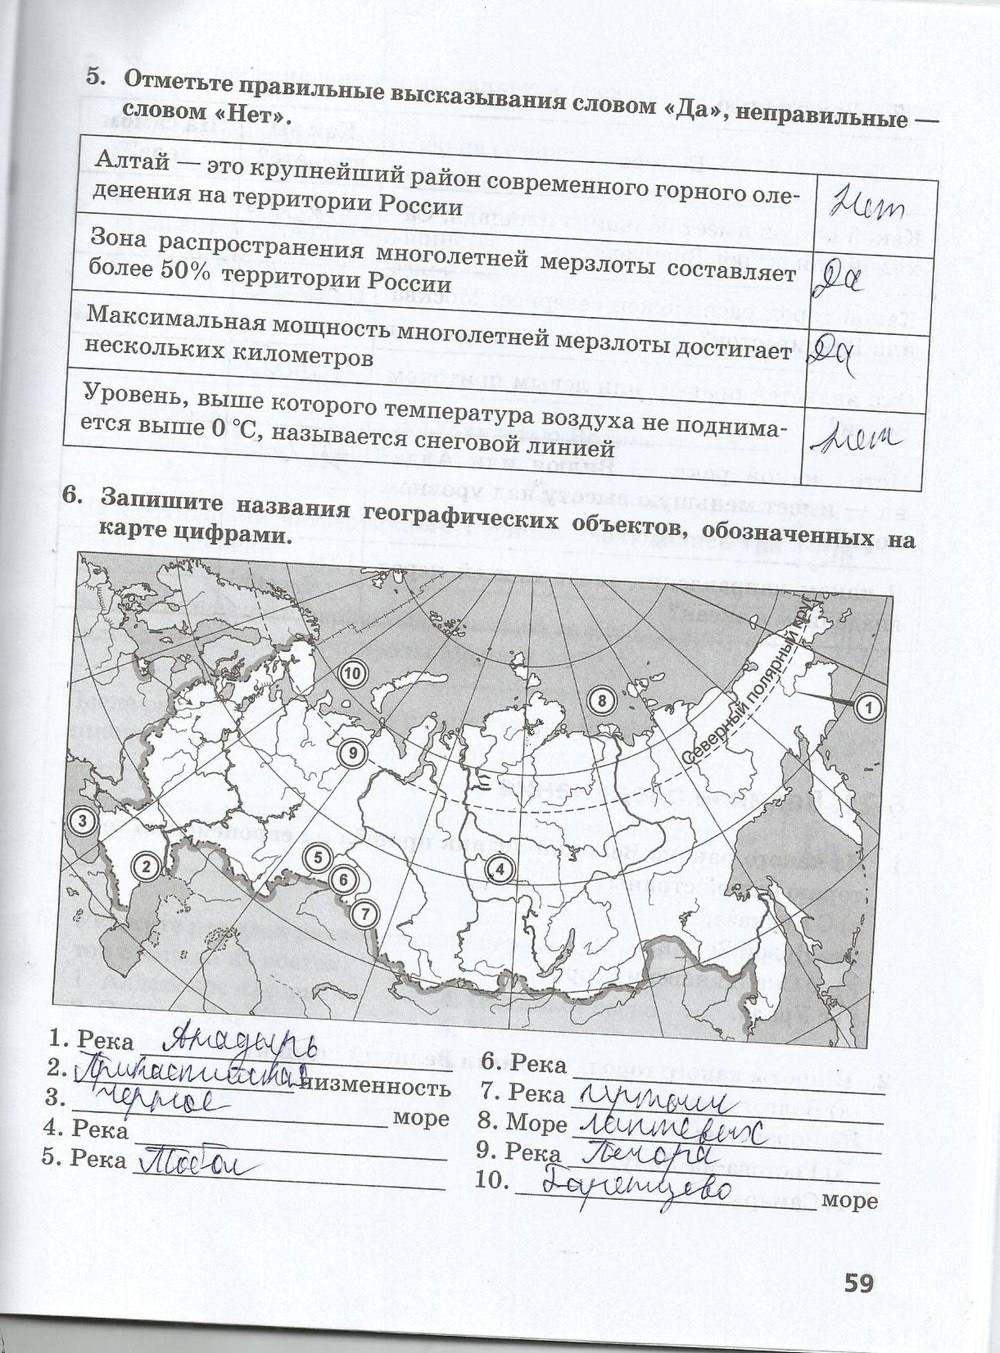 гдз по географии 8 класс домогацких 2019 русское слово